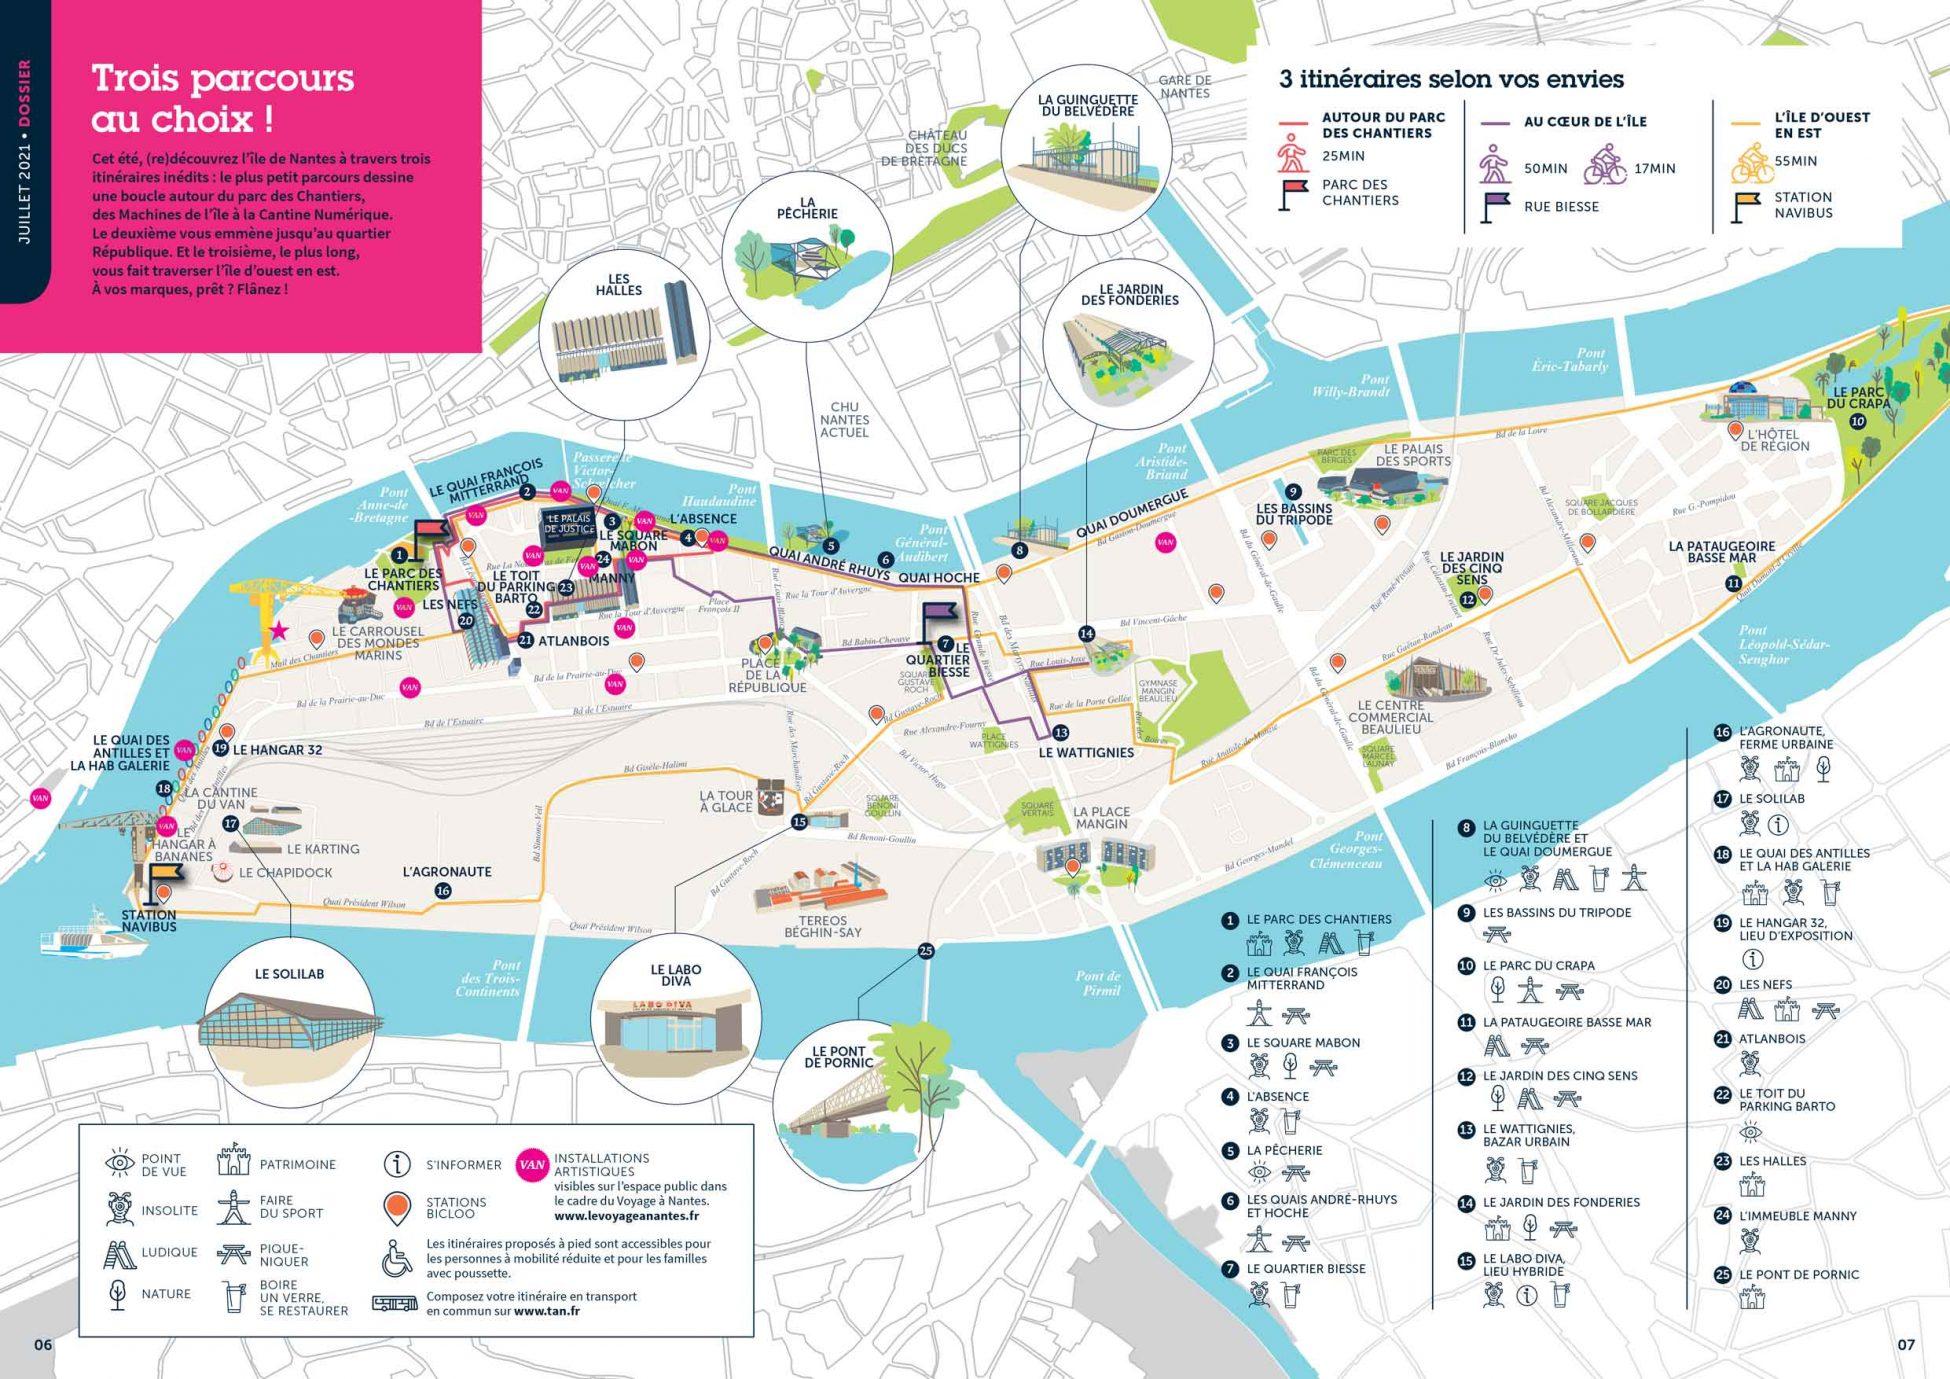 TransformationsMagazine27 Juillet2021 CartoParcours WEB light.2jpg scaled - Cet été, partez à la (re)découverte de l'île de Nantes!